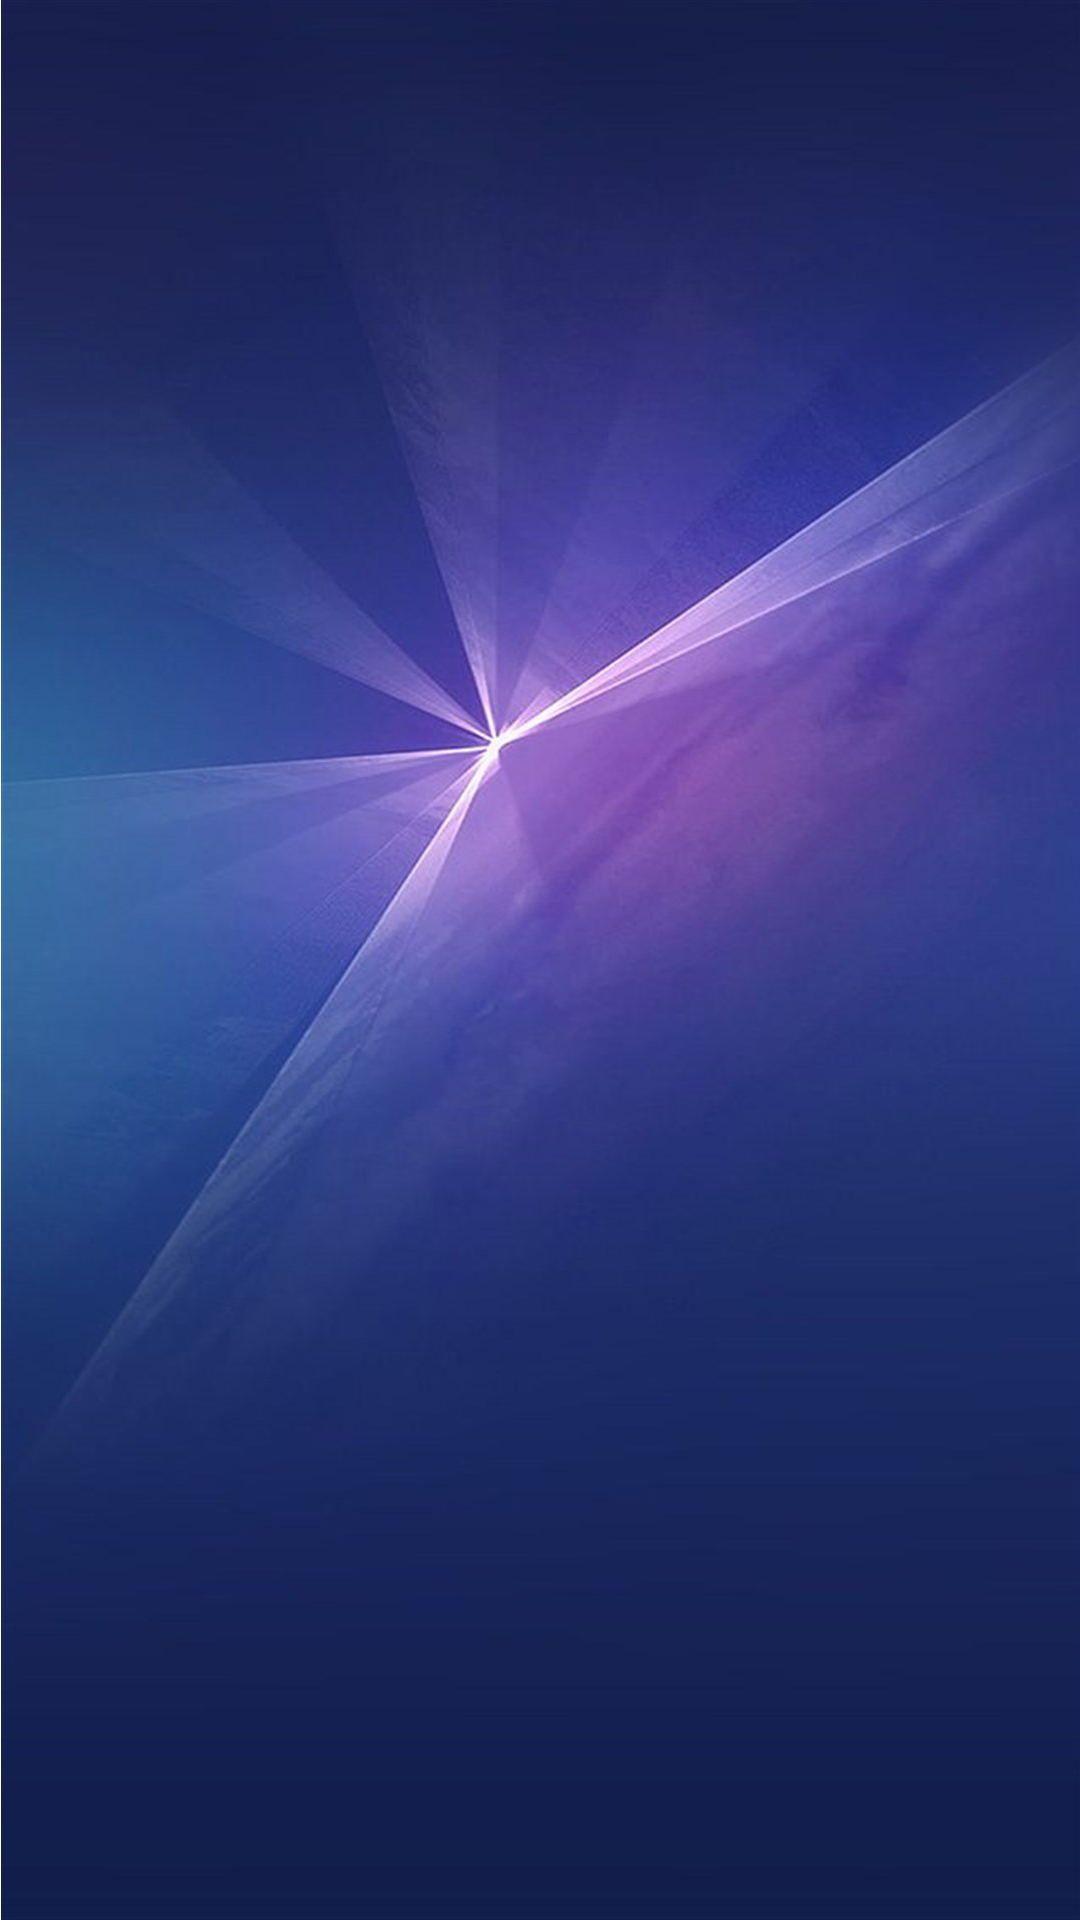 Light Blue phone wallpaper